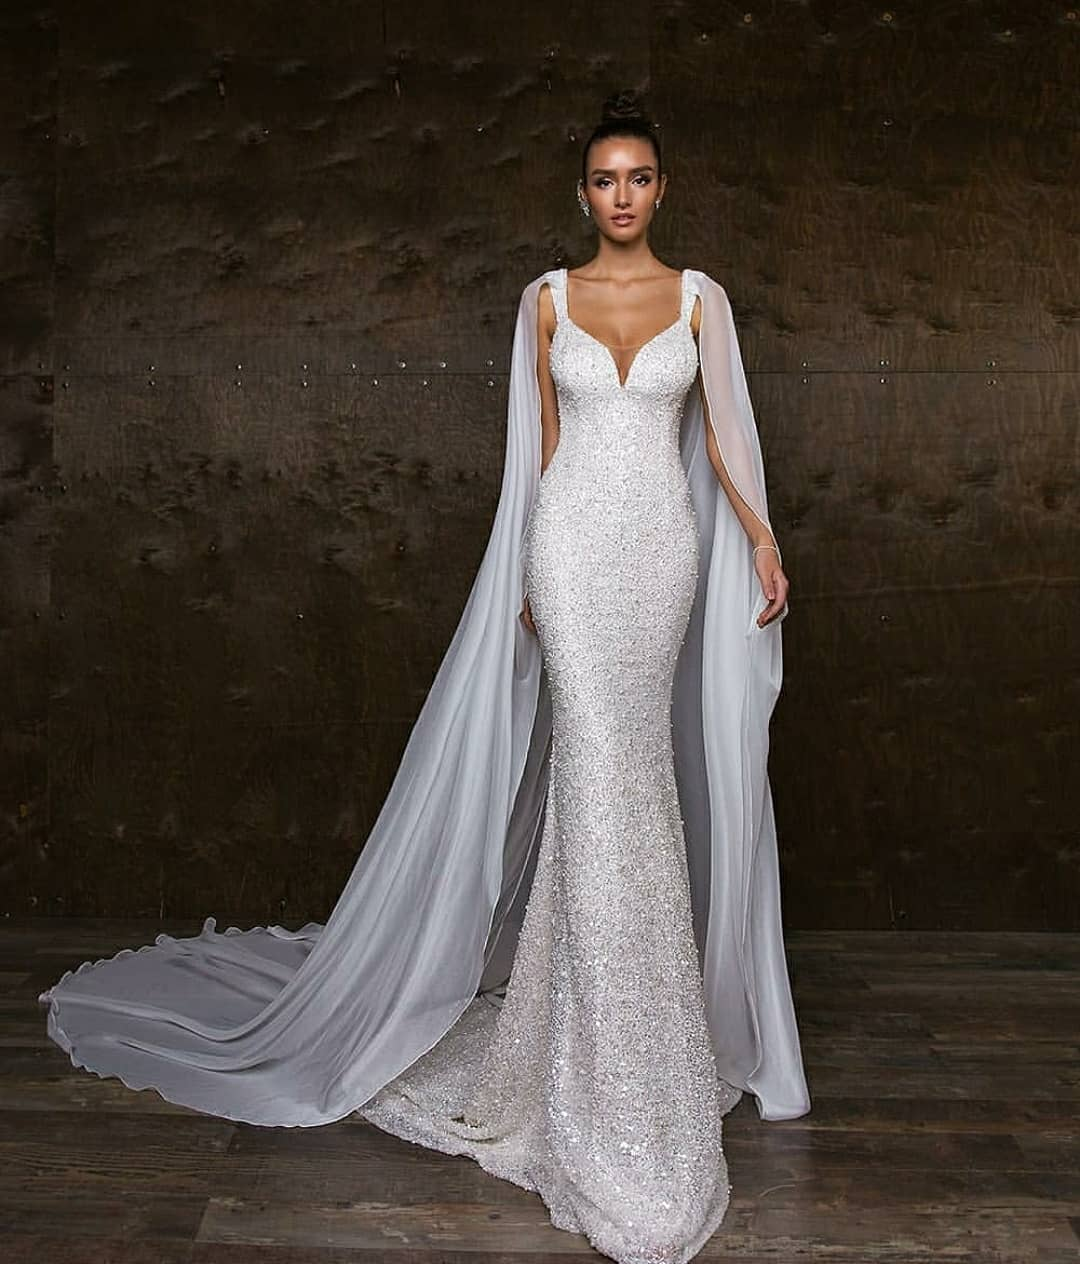 فساتين زفاف جميلة وعصرية لعروس 2019